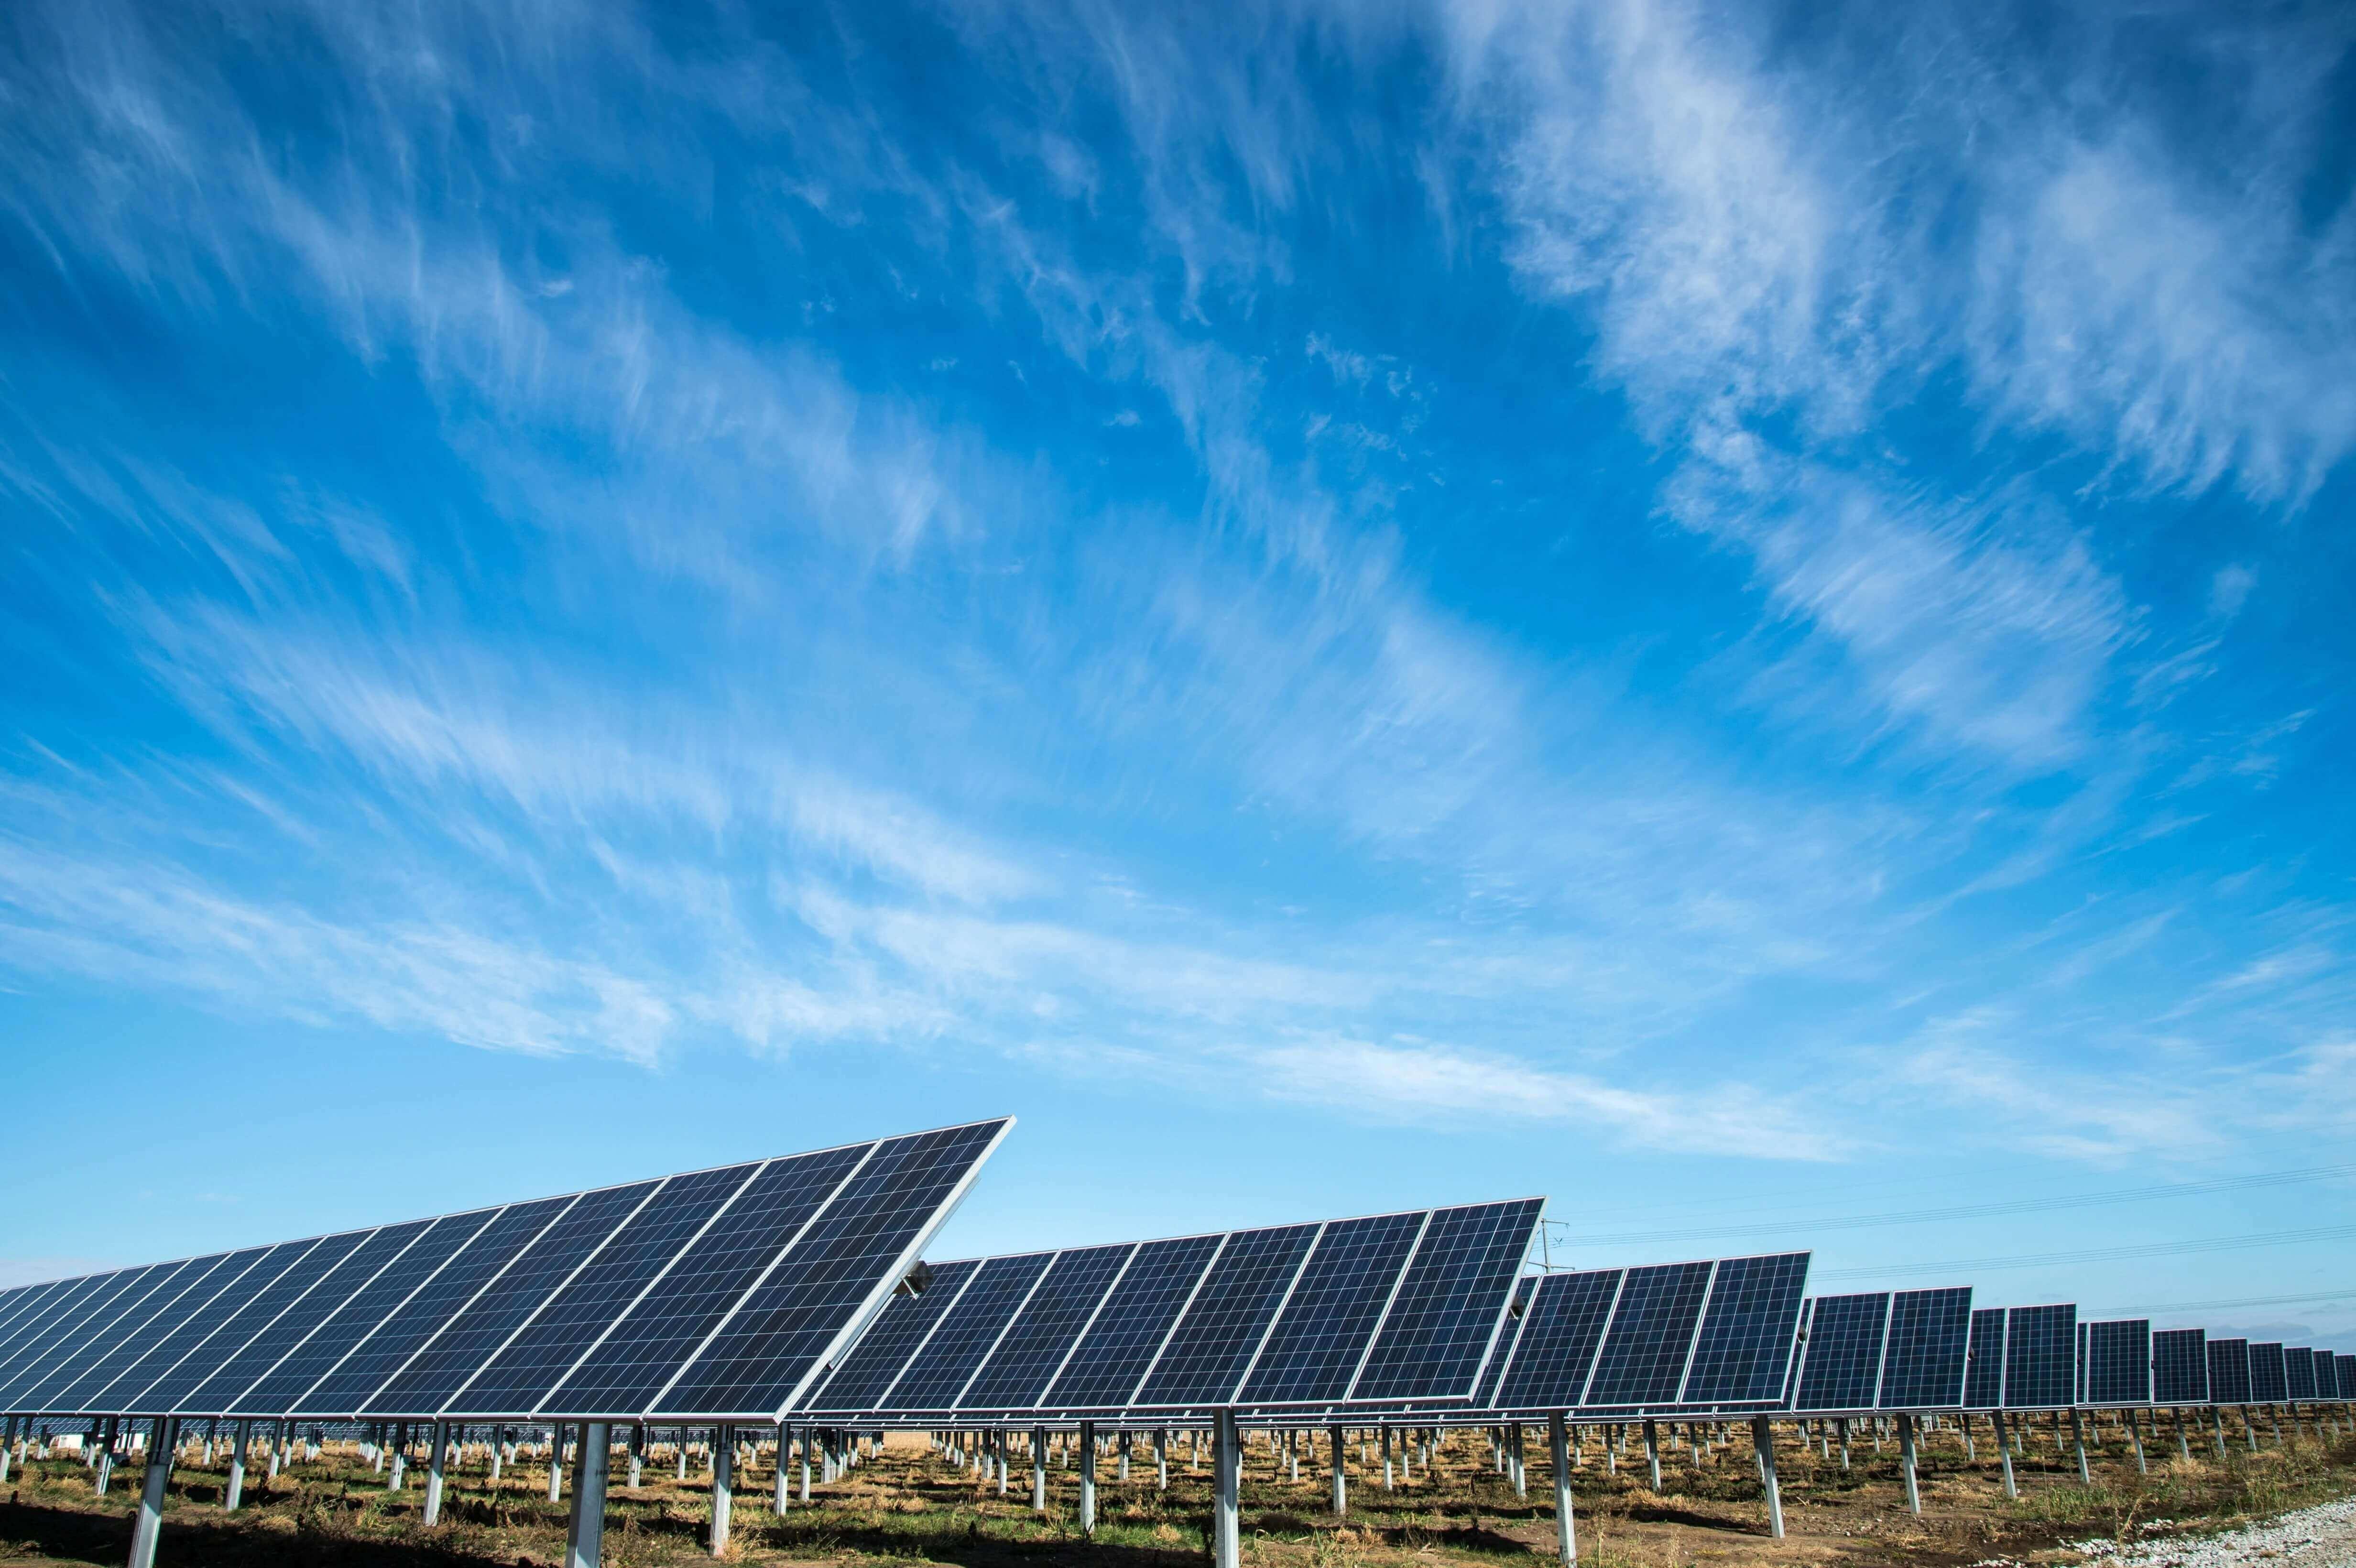 solar-farm-unsplash